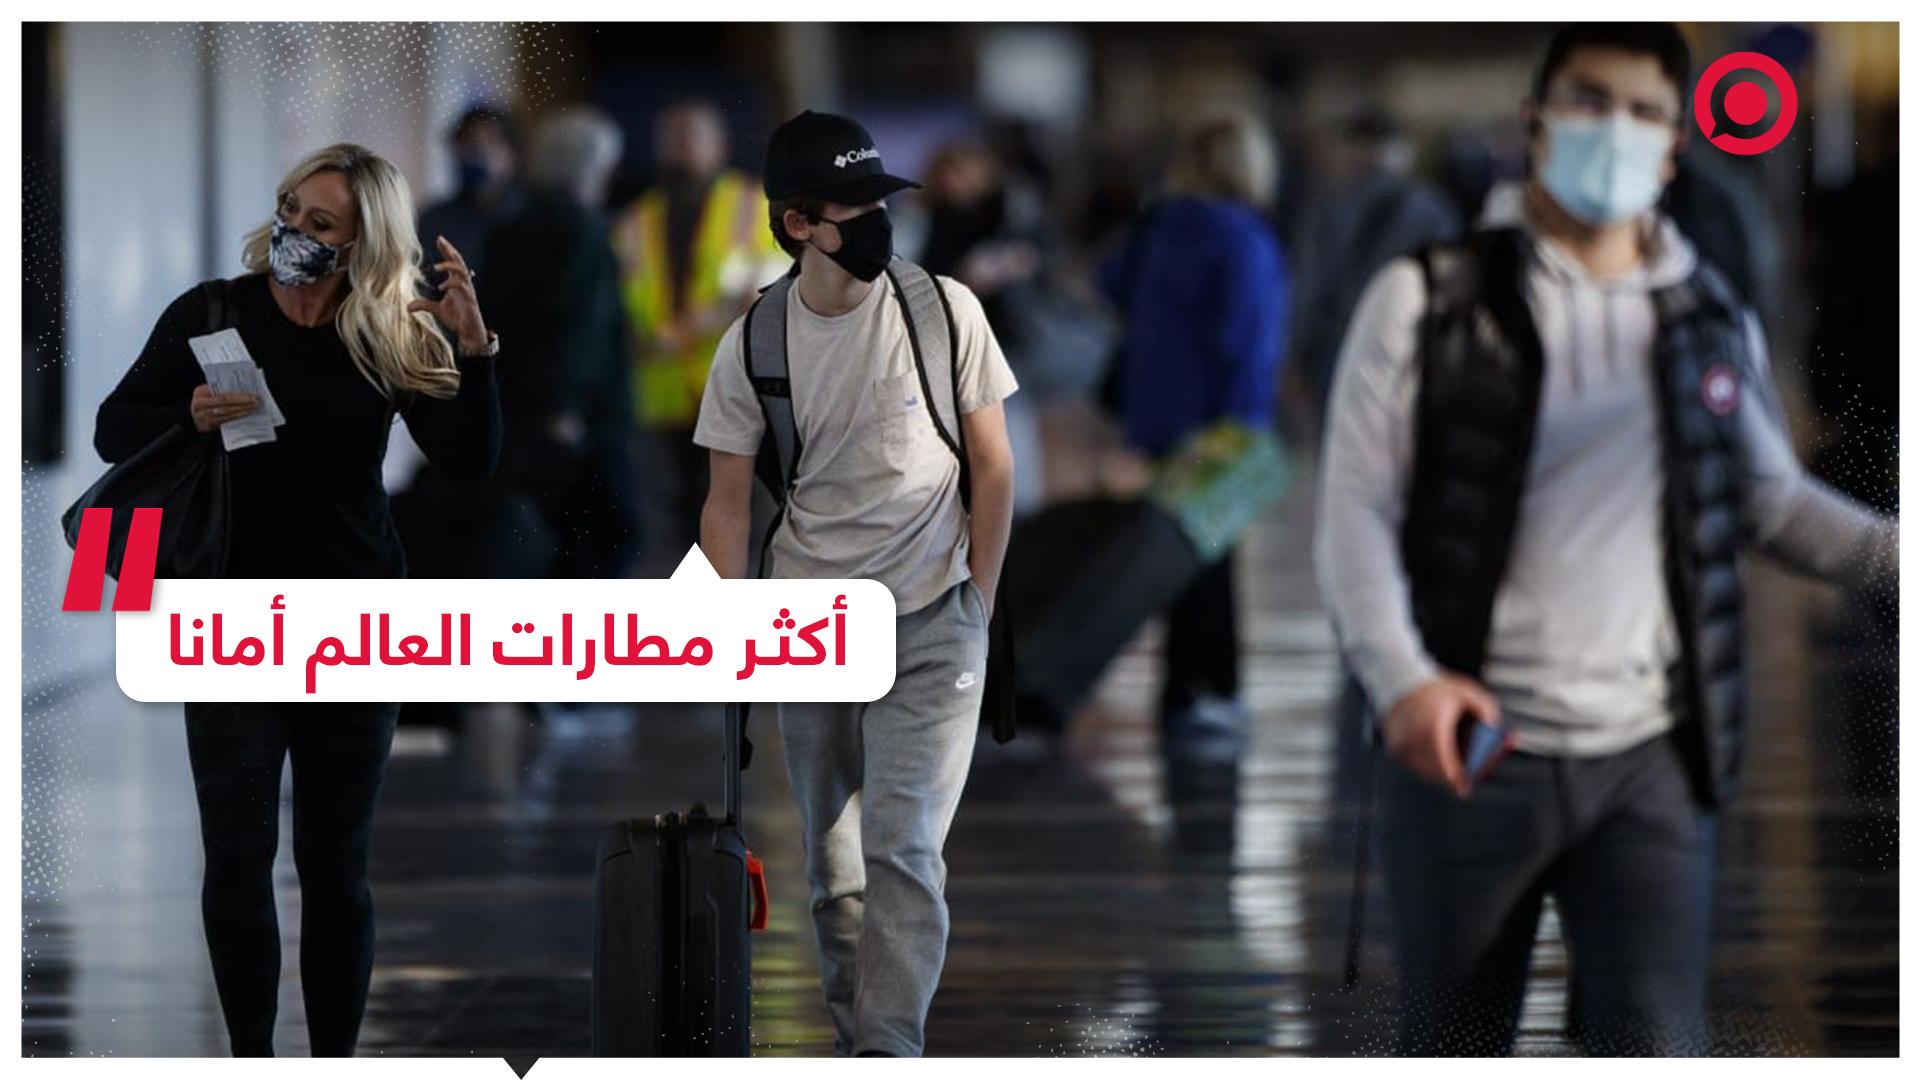 #مطارات   #سفر    #كورونا